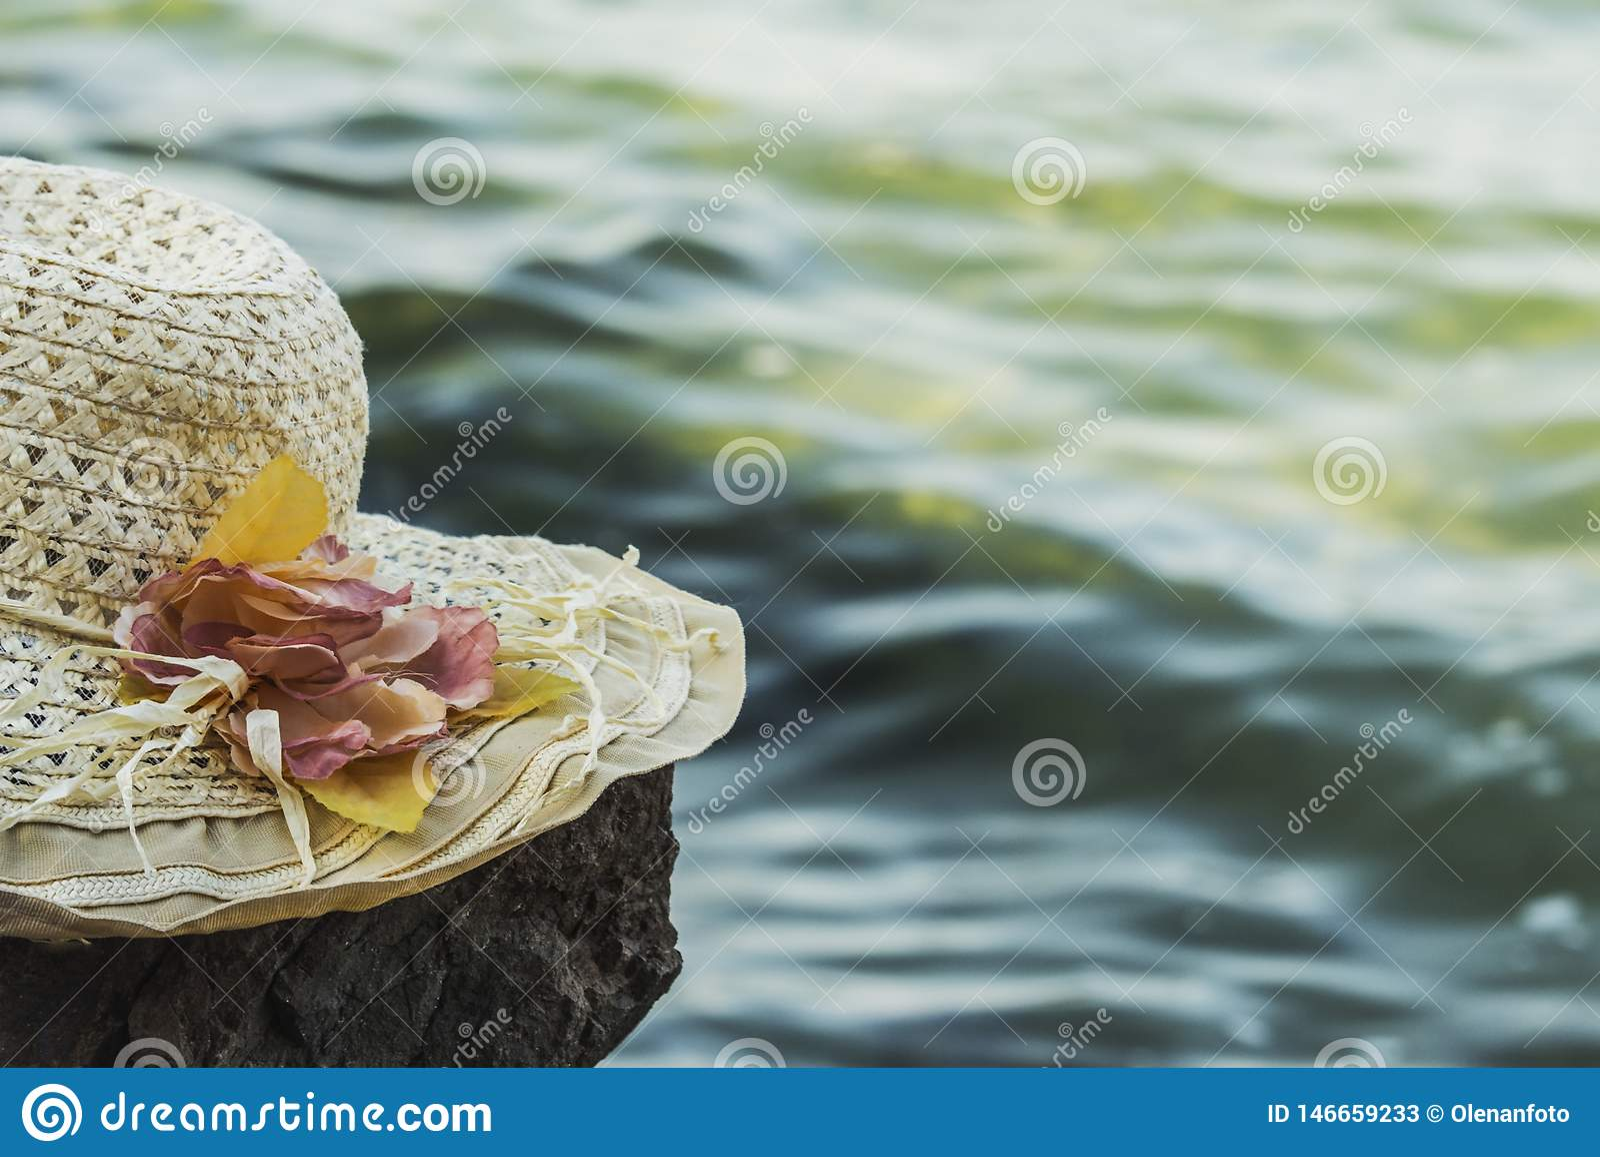 O chapéu ensolarado com flores encontra-se em uma rocha na frente do mar, tonificado